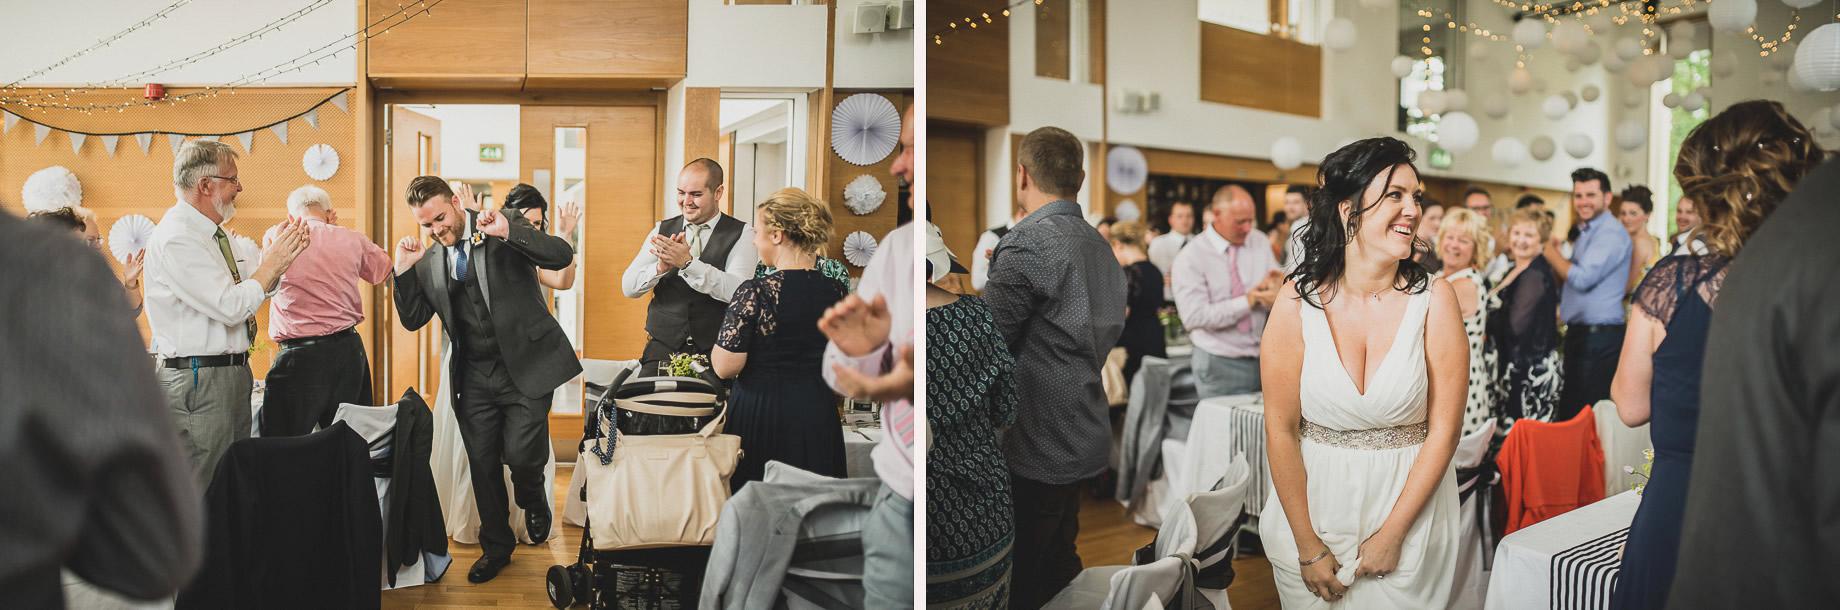 Becky and John's Wedding at Slaidburn Village Hall 140